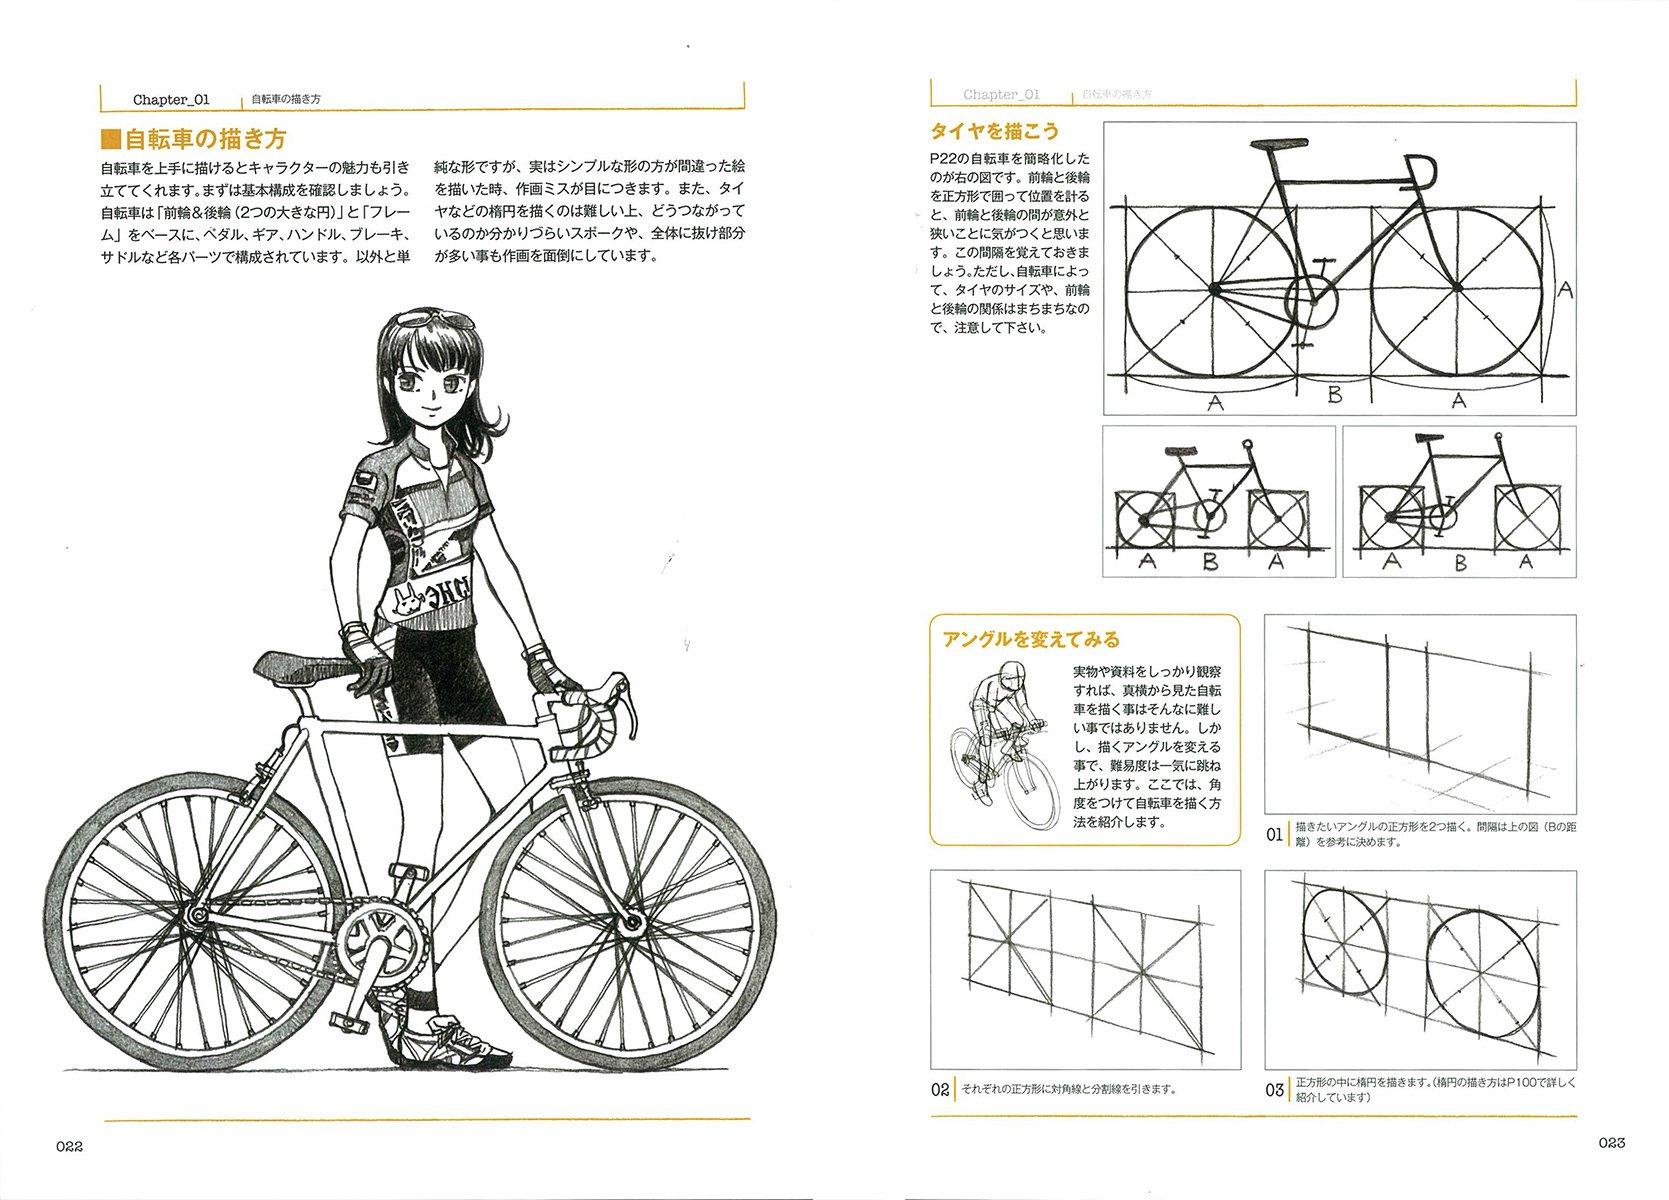 乗り物と少女の描き方 自転車から戦車までの描き方全解説 コミックス ドロウイングブック コミックスドロウイング編集部 本 通販 Amazon